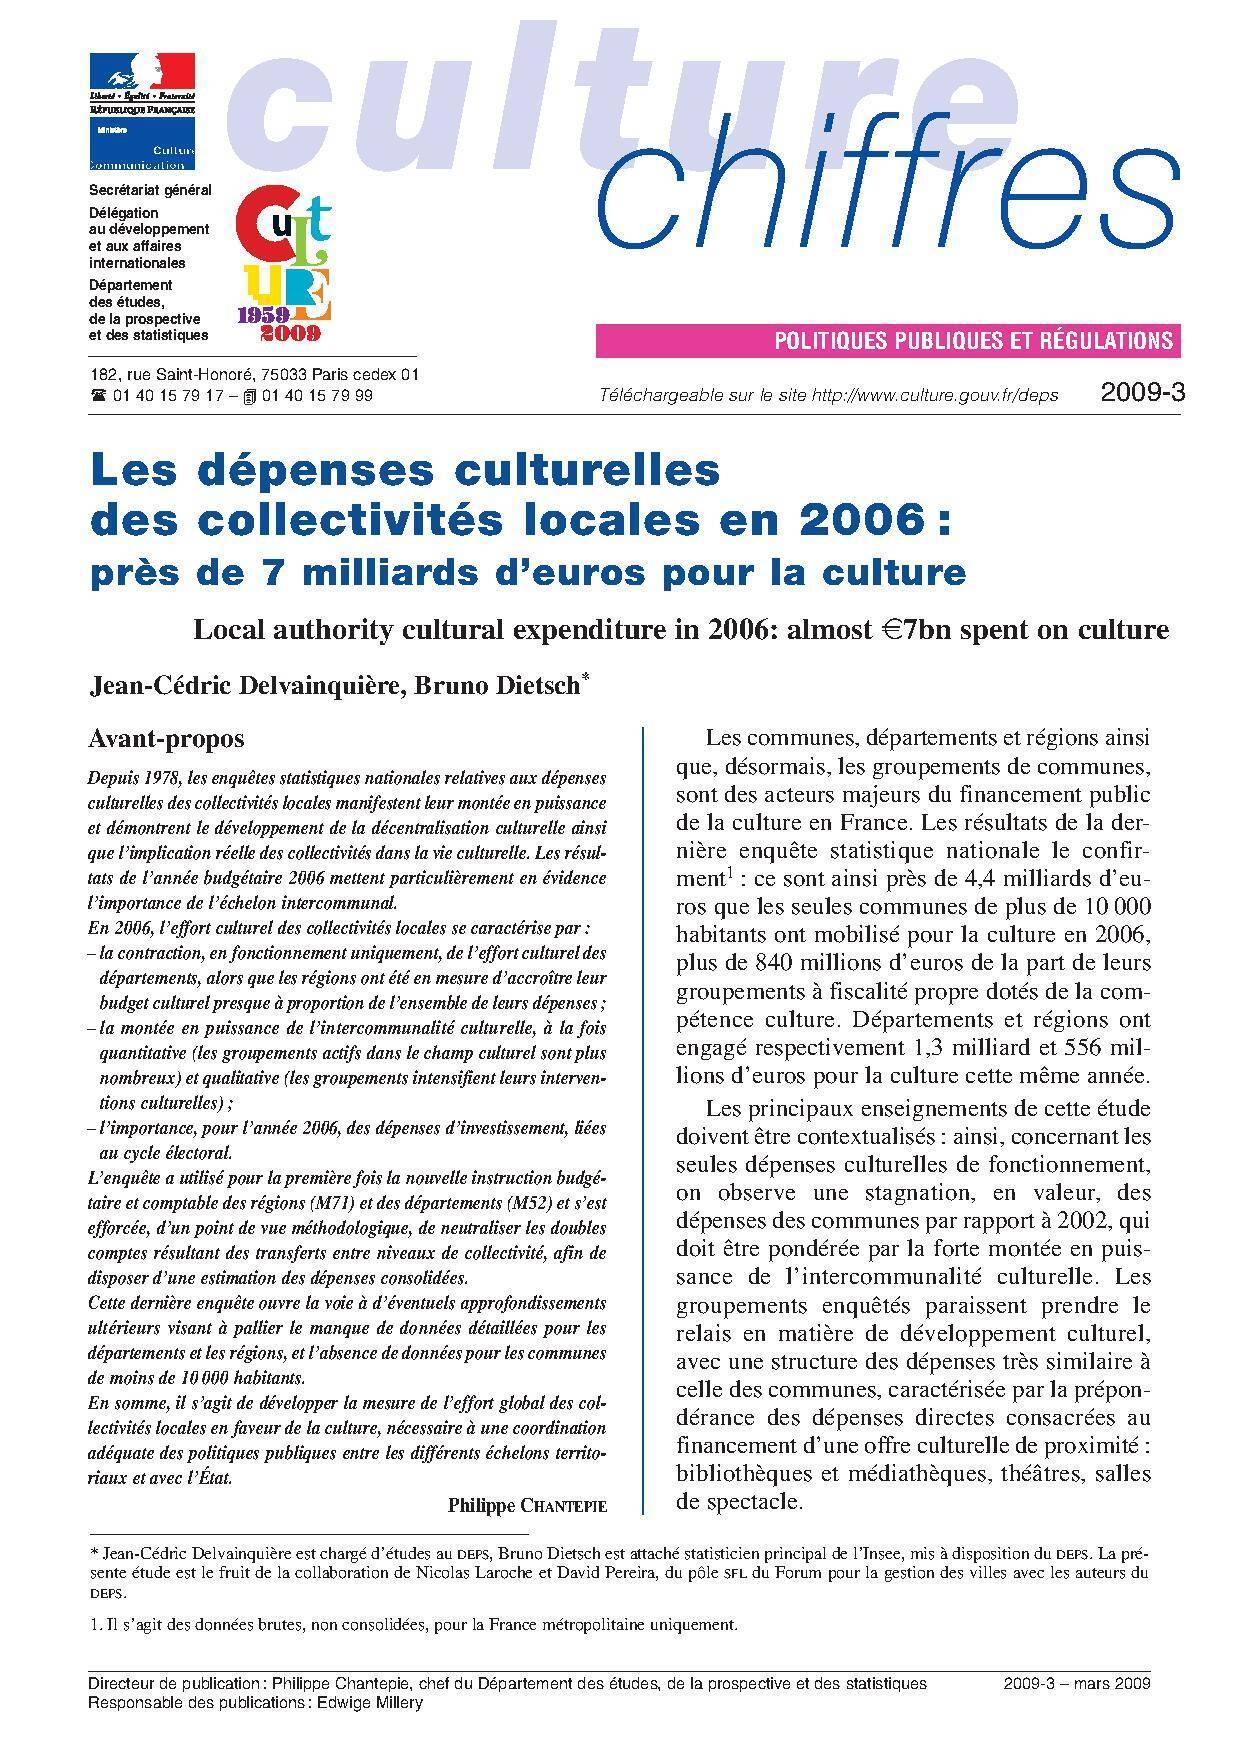 Les dépenses culturelles des collectivités locales en 2006 : près 7 milliards d'euros pour la culture